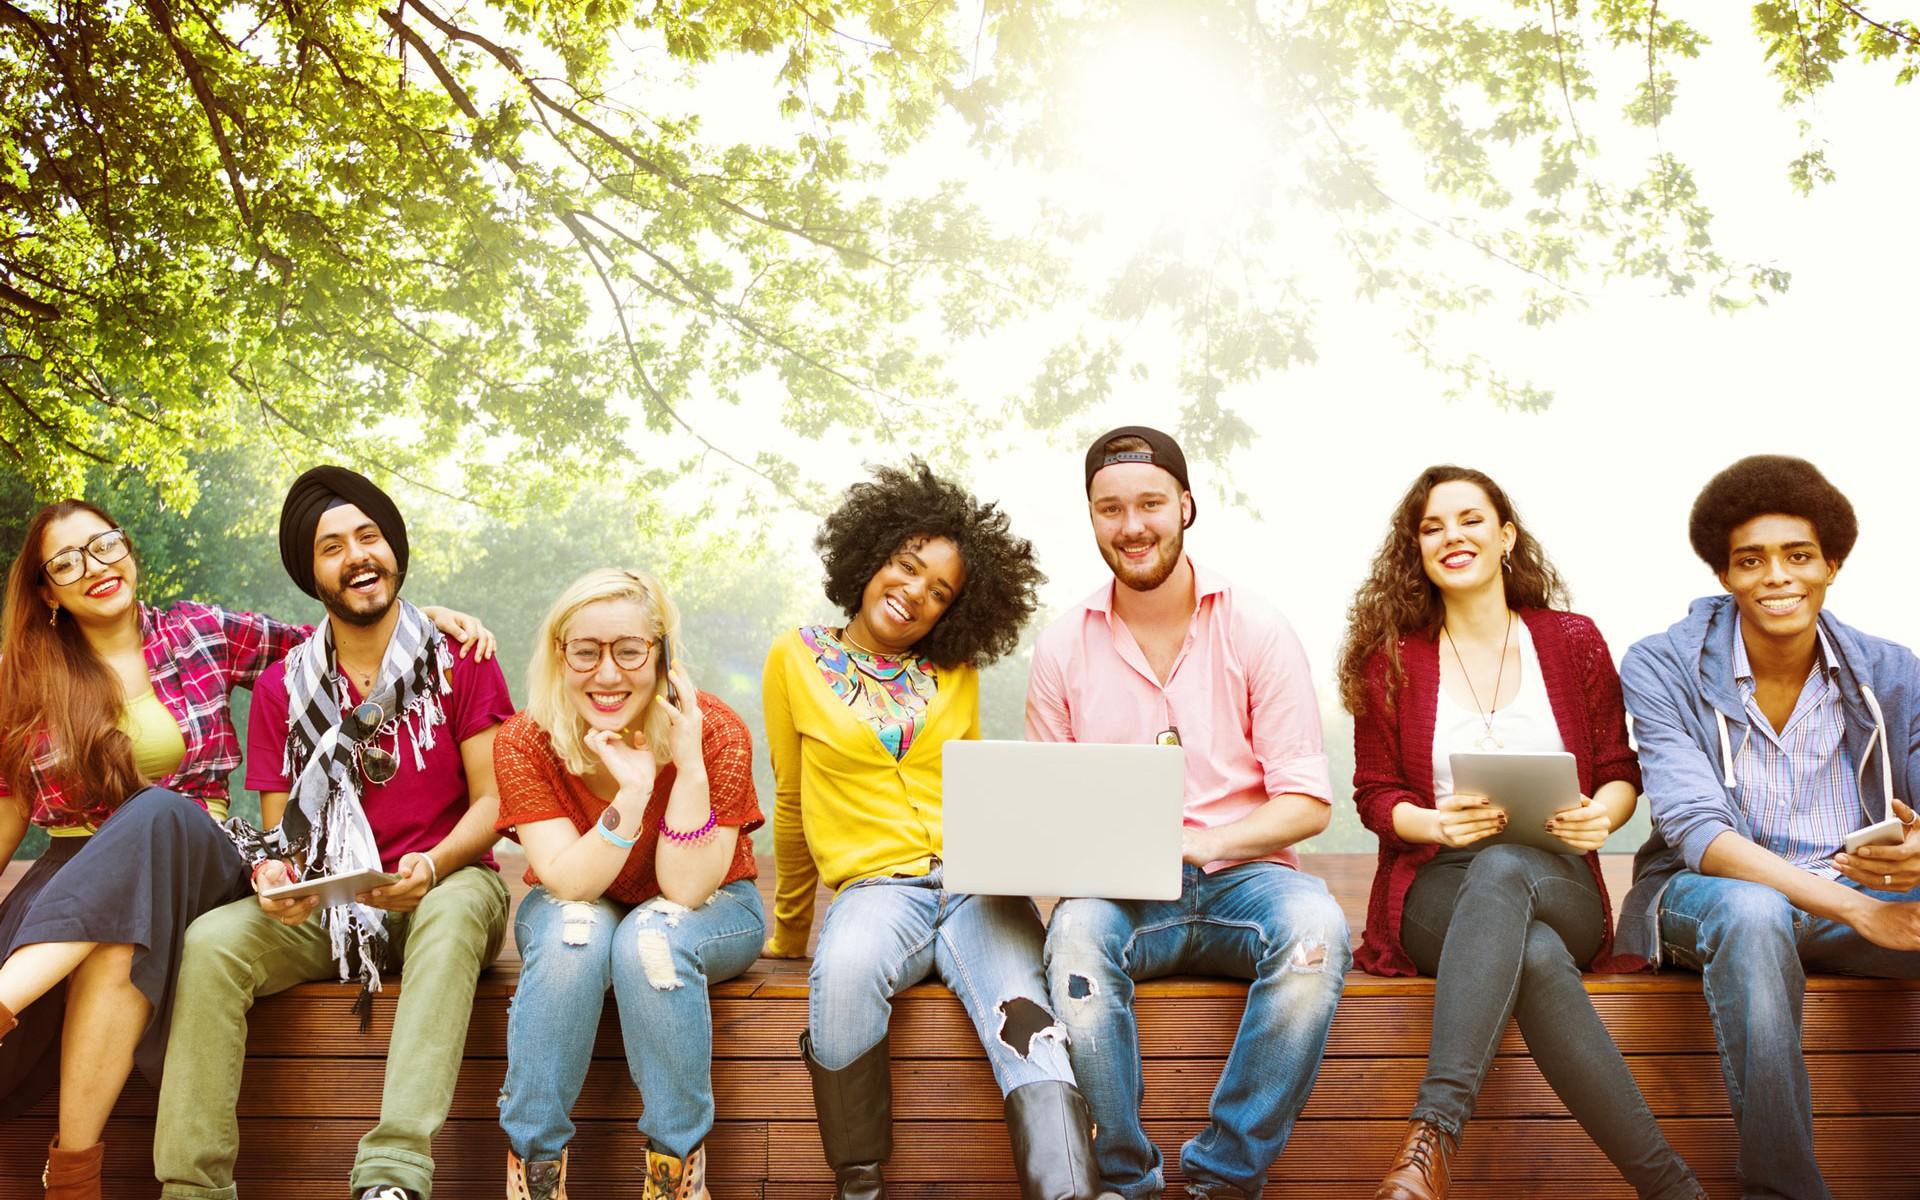 Hành trang du học Đức thành công để được miễn 100% học phí